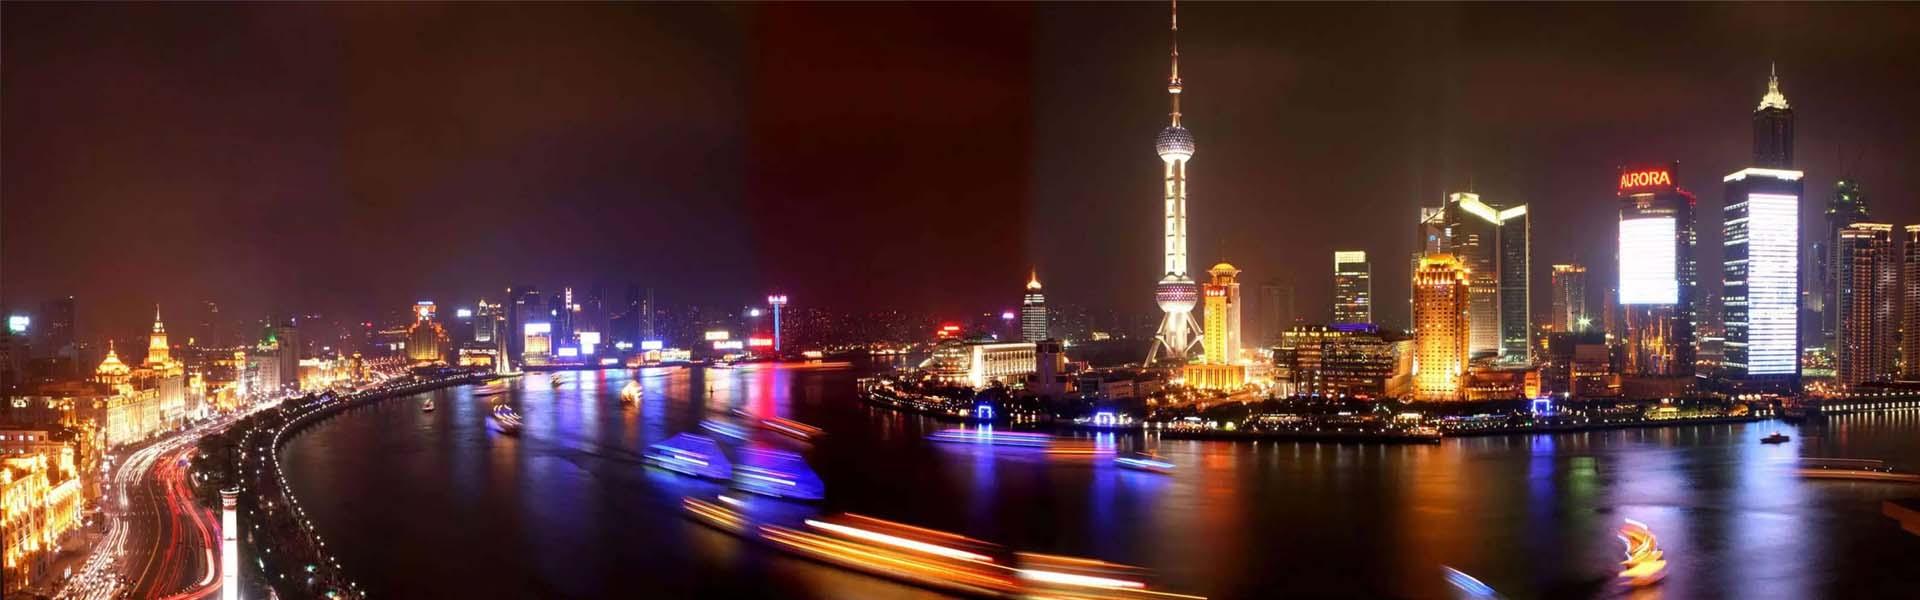 上海有哪些区  上海为什么被称作不夜城  上海有哪些知名地标